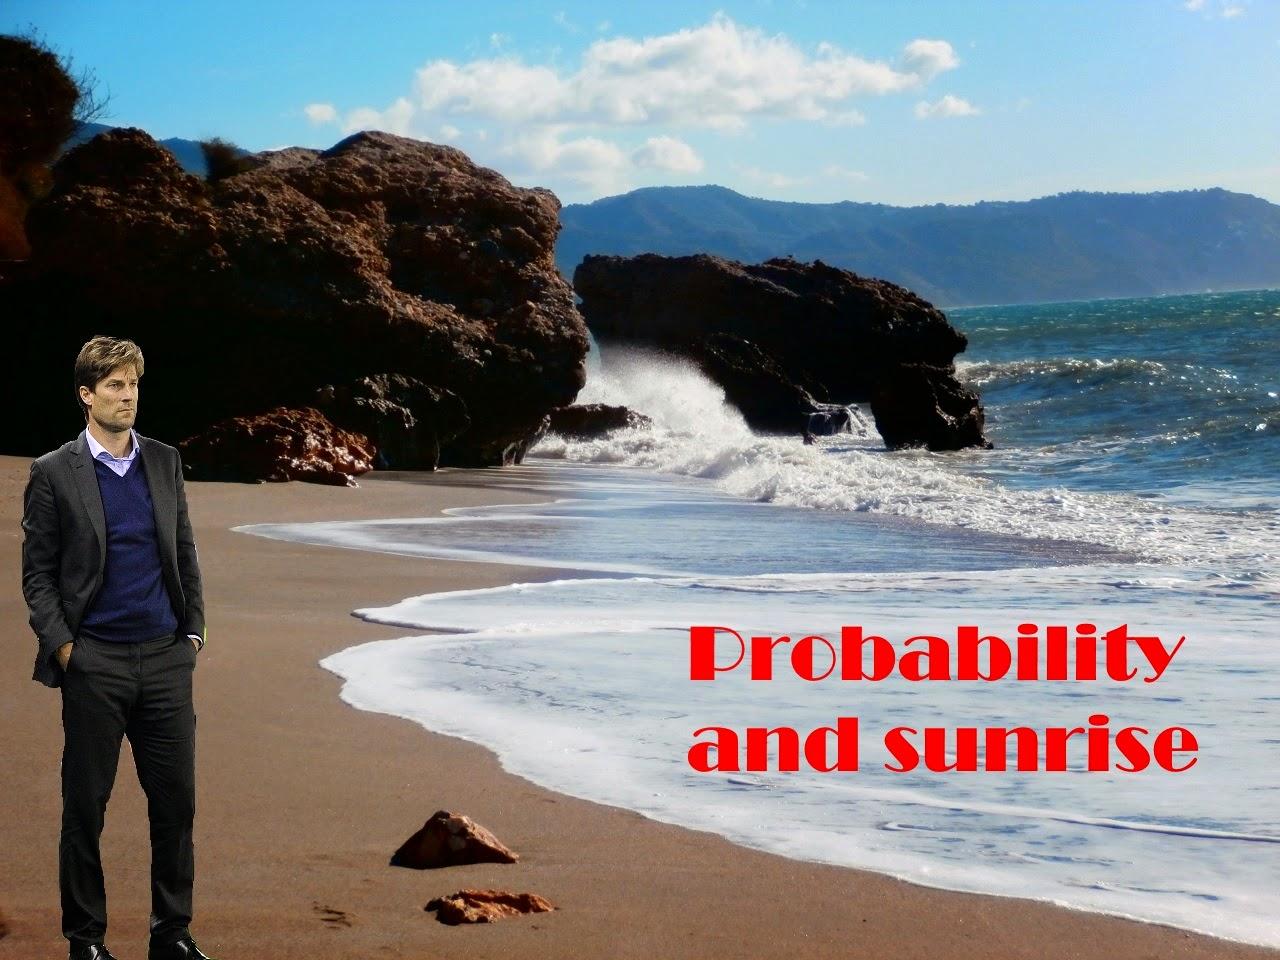 Probability and sunrise.